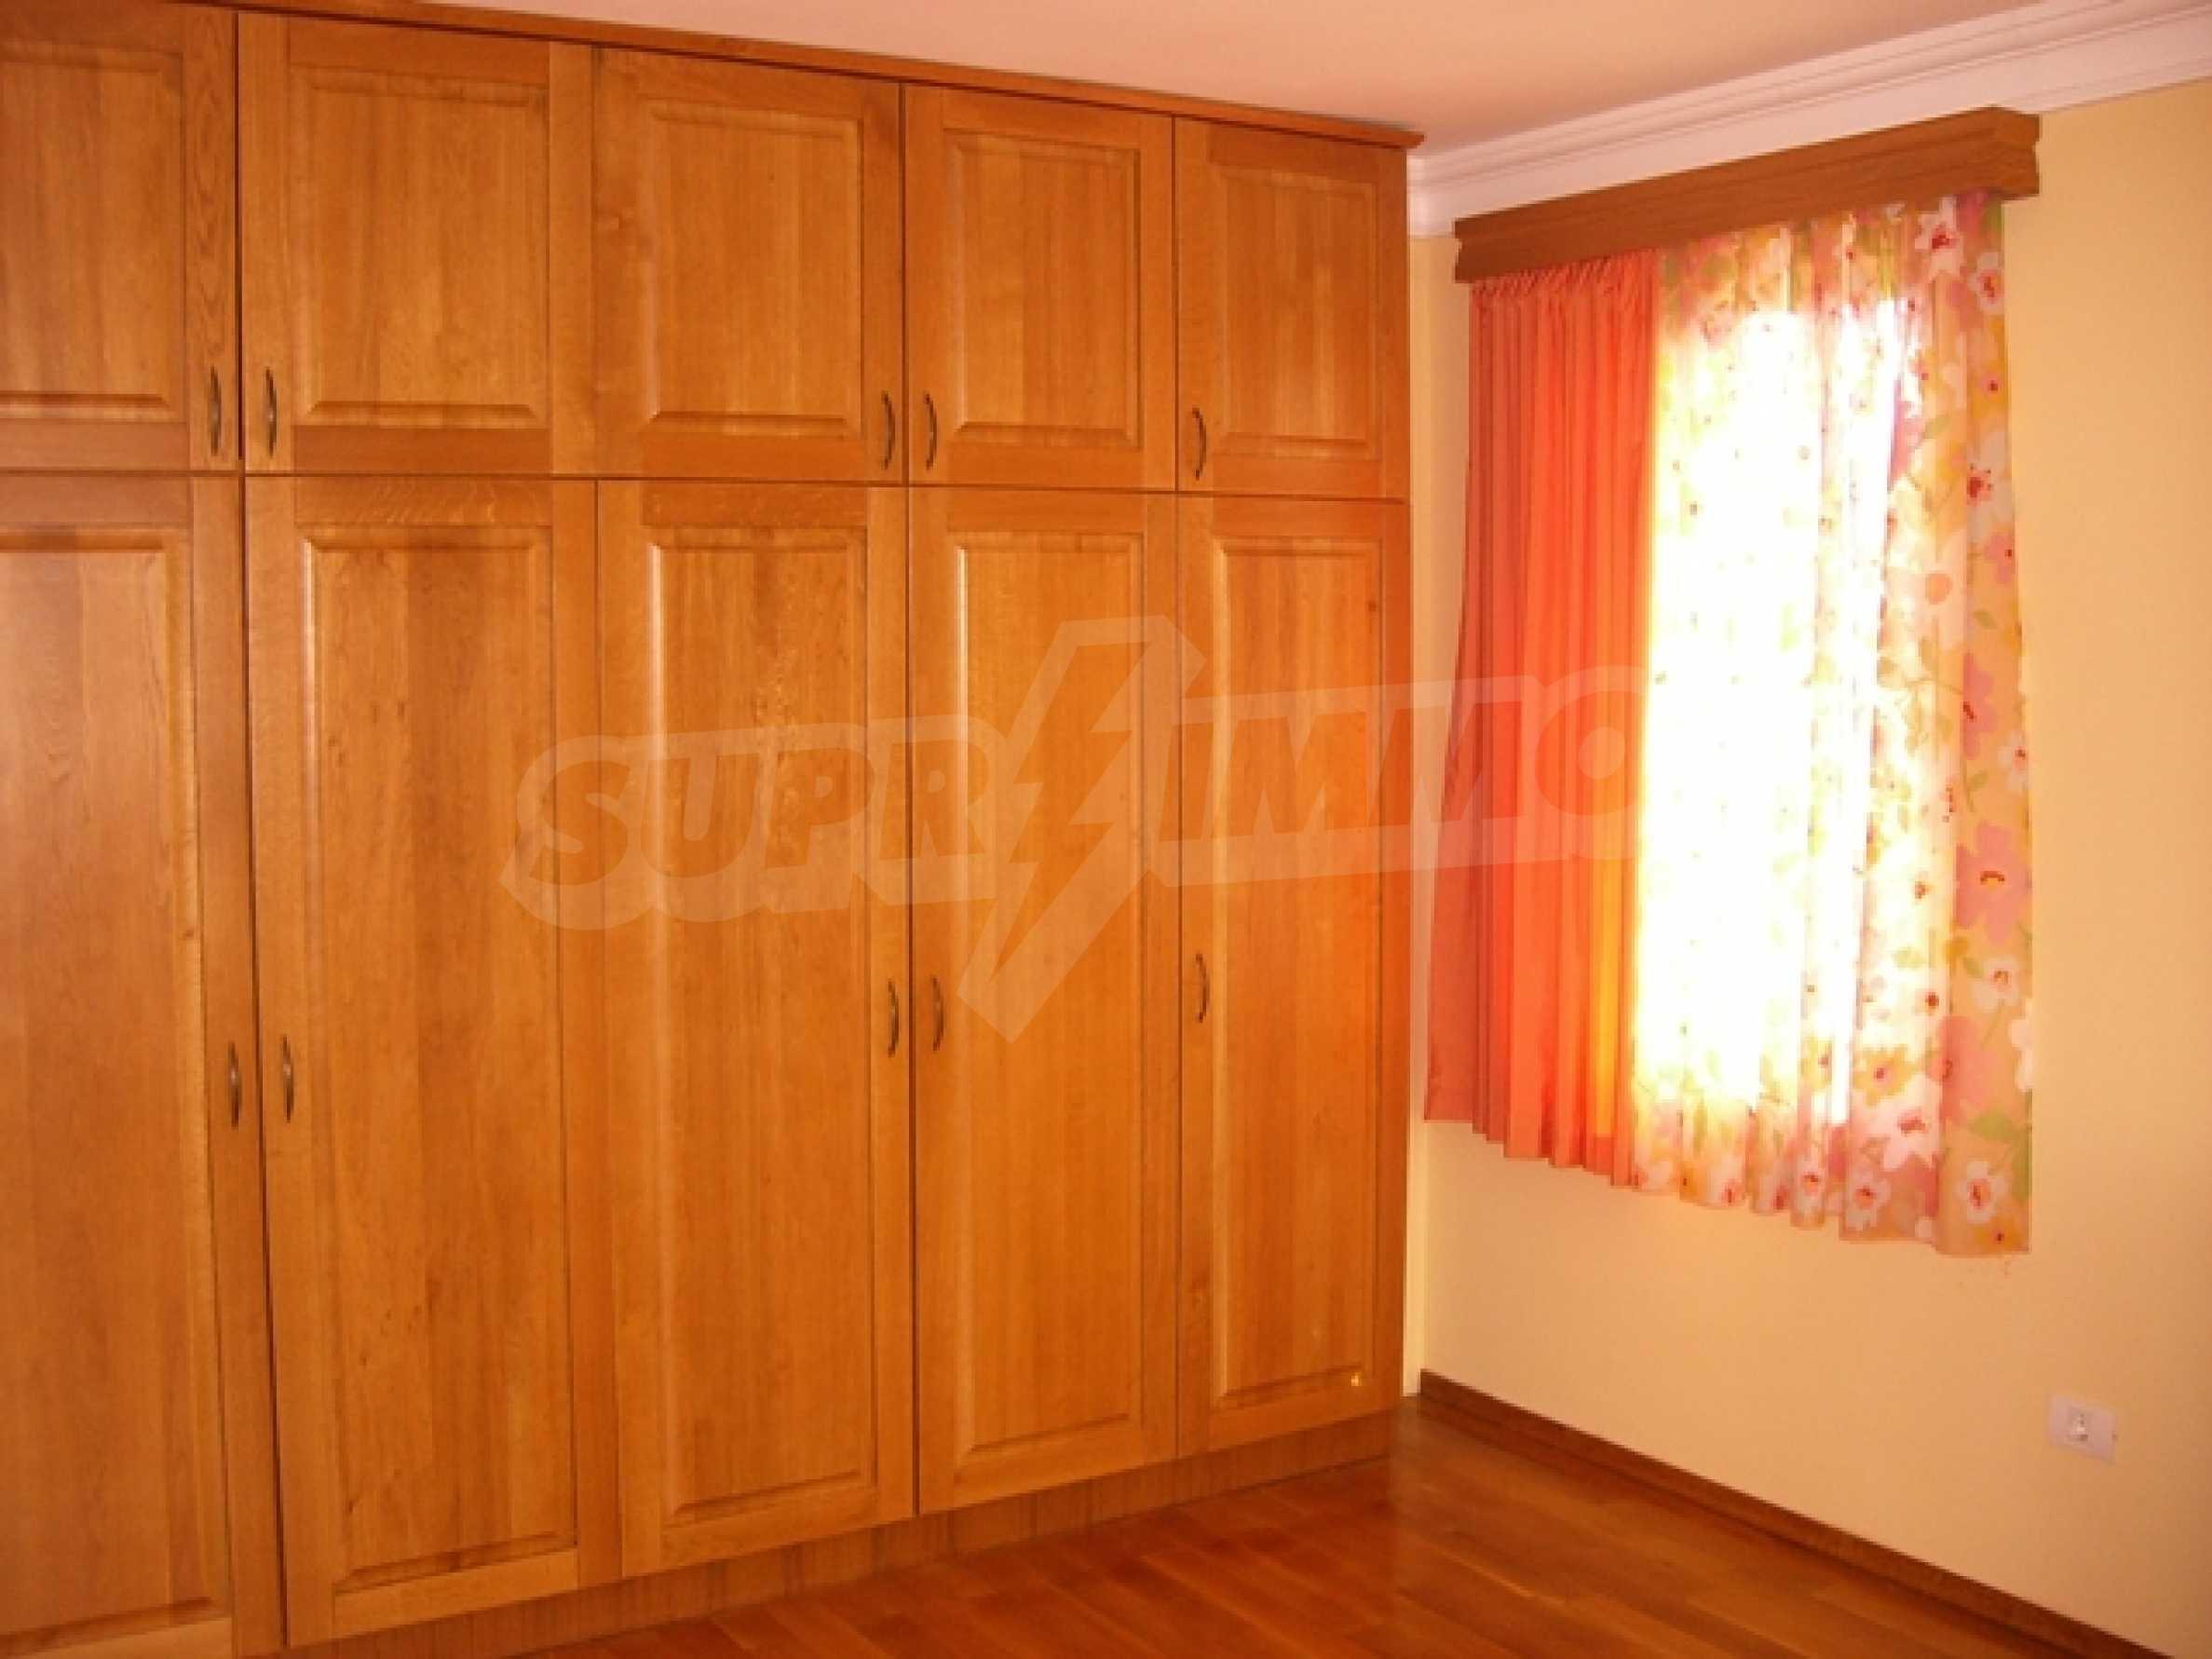 Residenz bulgarischen Traumhaus 62